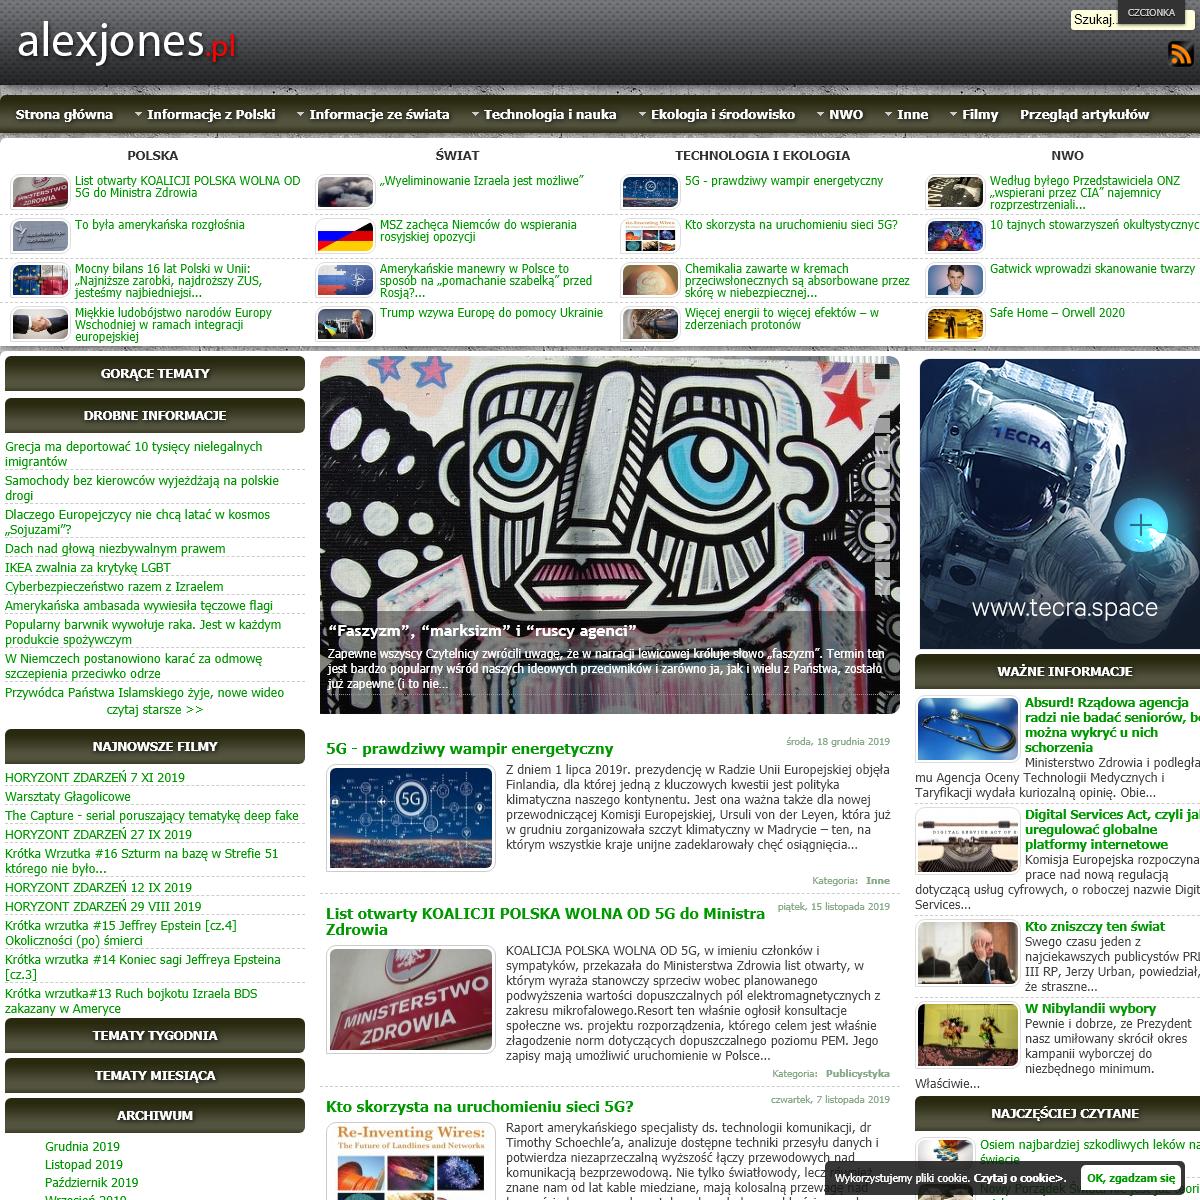 Prawdziwe informacje www.alexjones.pl